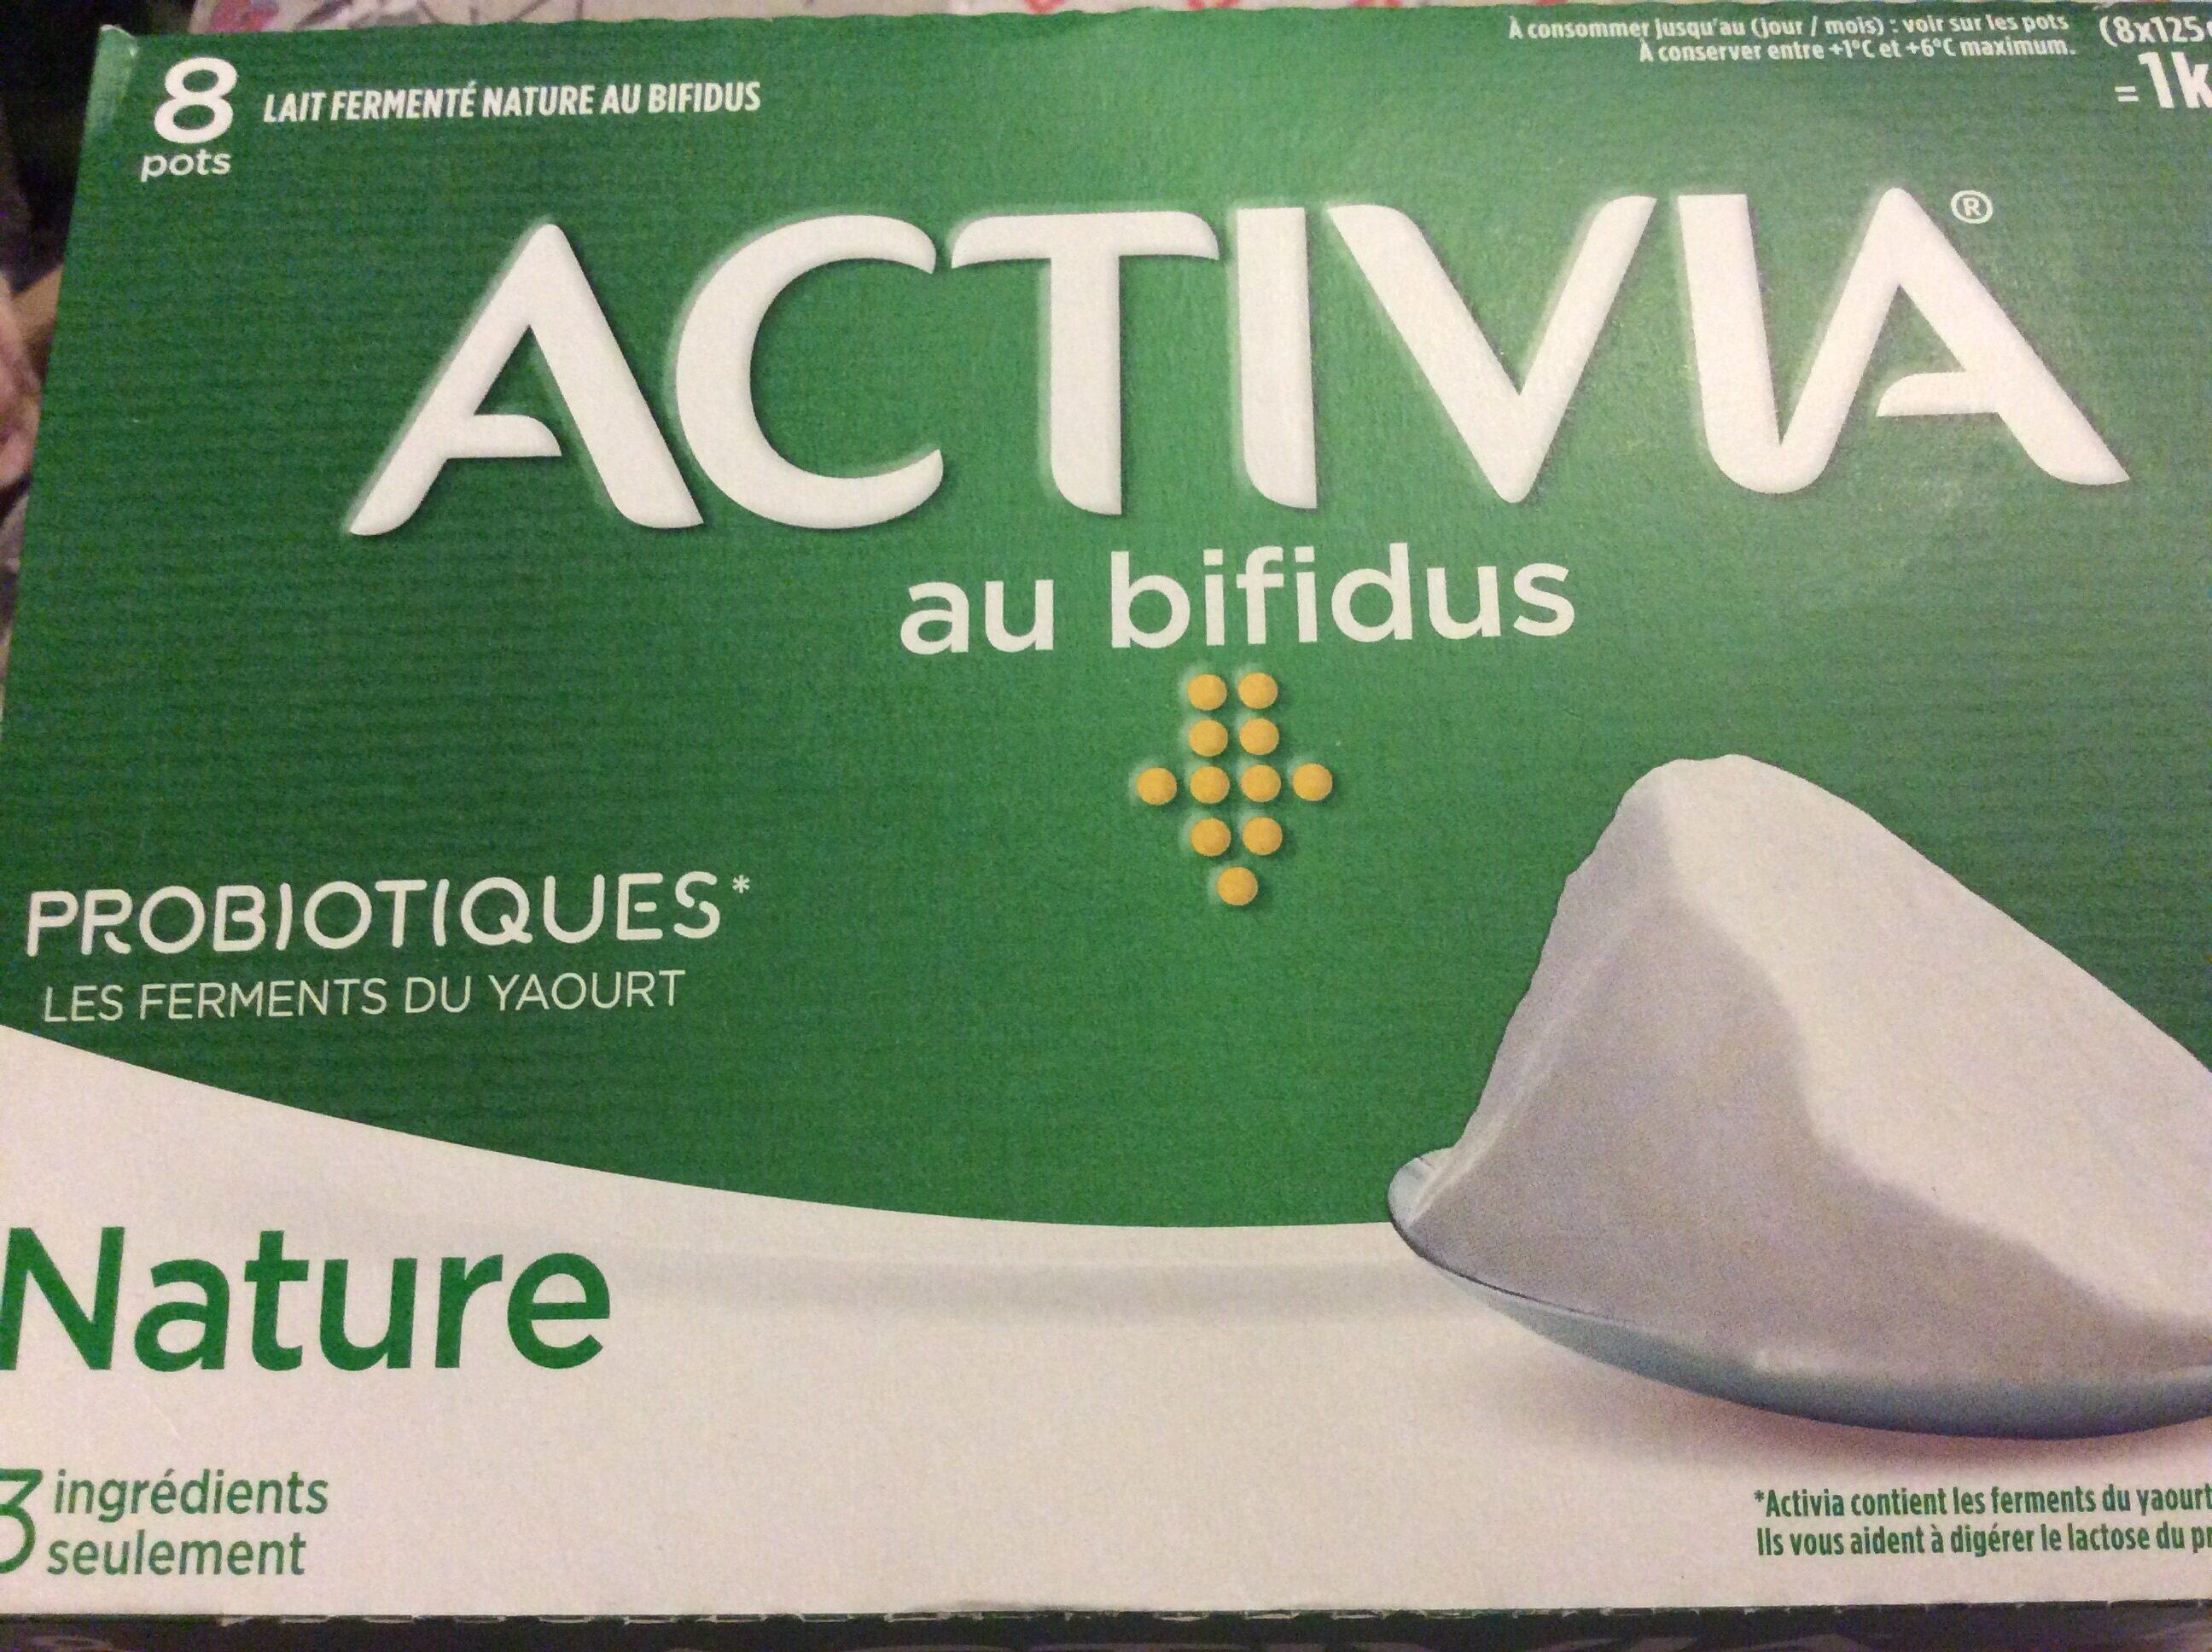 Lait fermenté nature au bifidus - Produit - fr